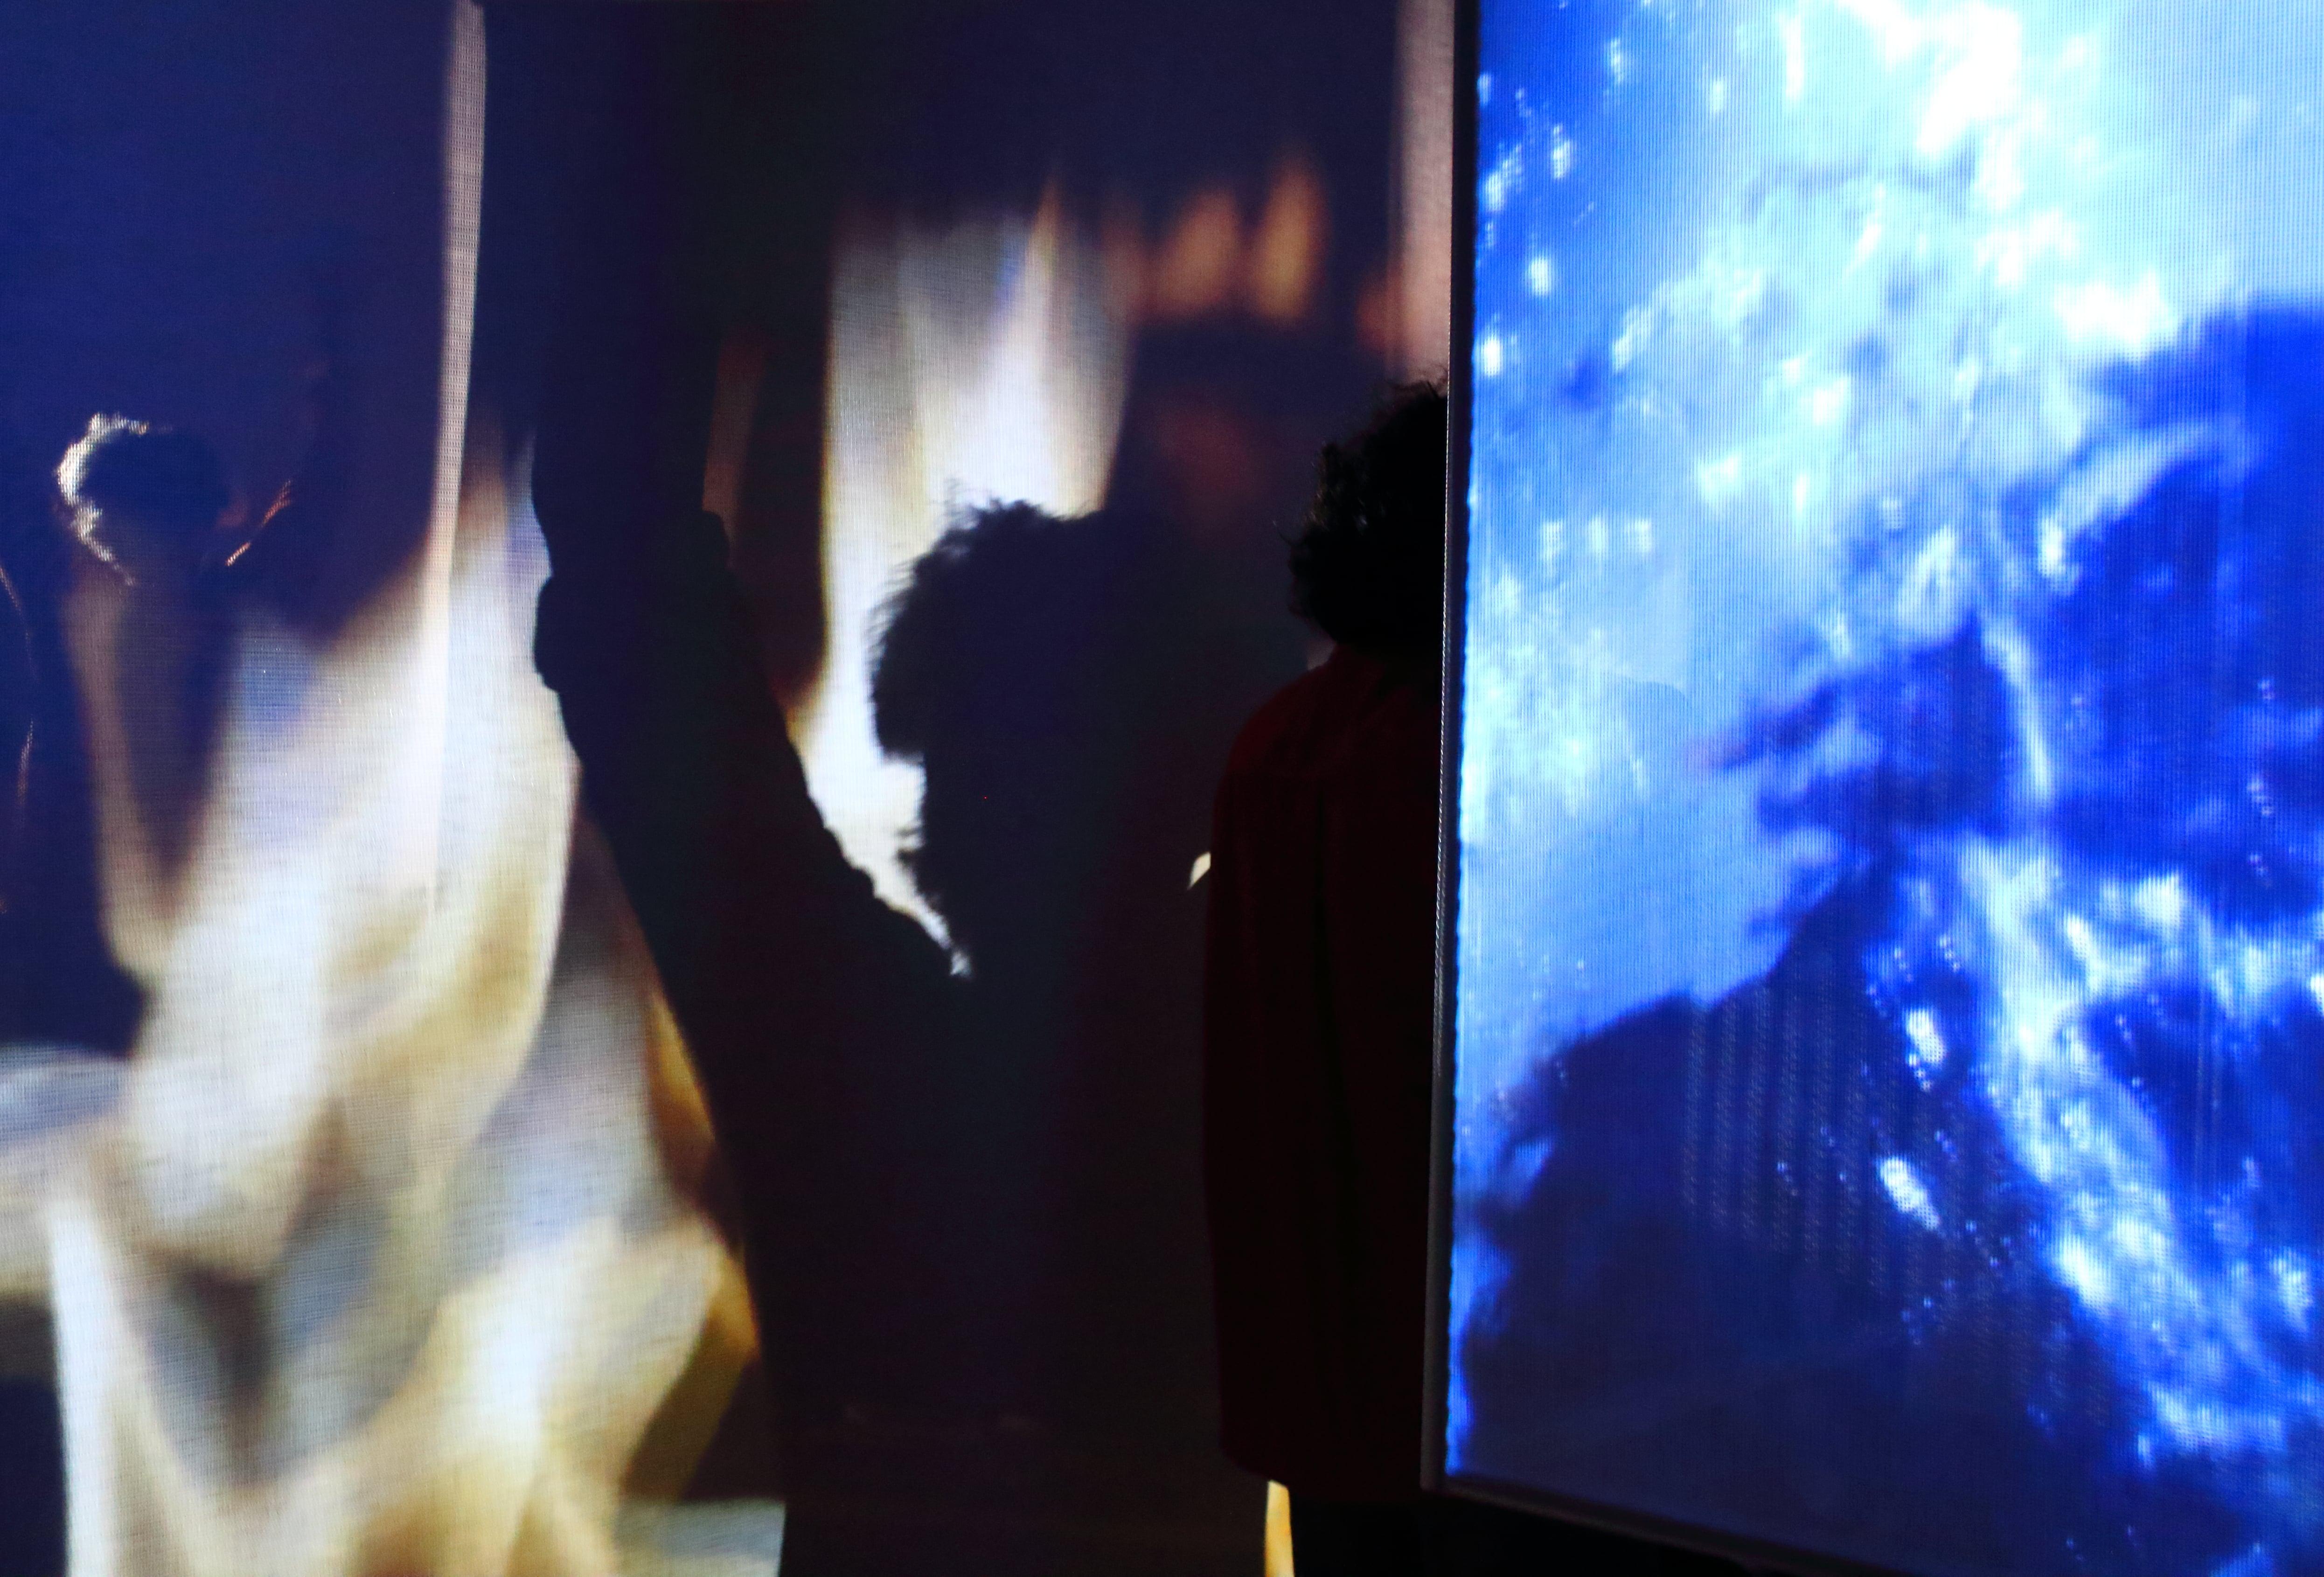 Tránsitos/21: De cyborgs y realidad virtual en el arte